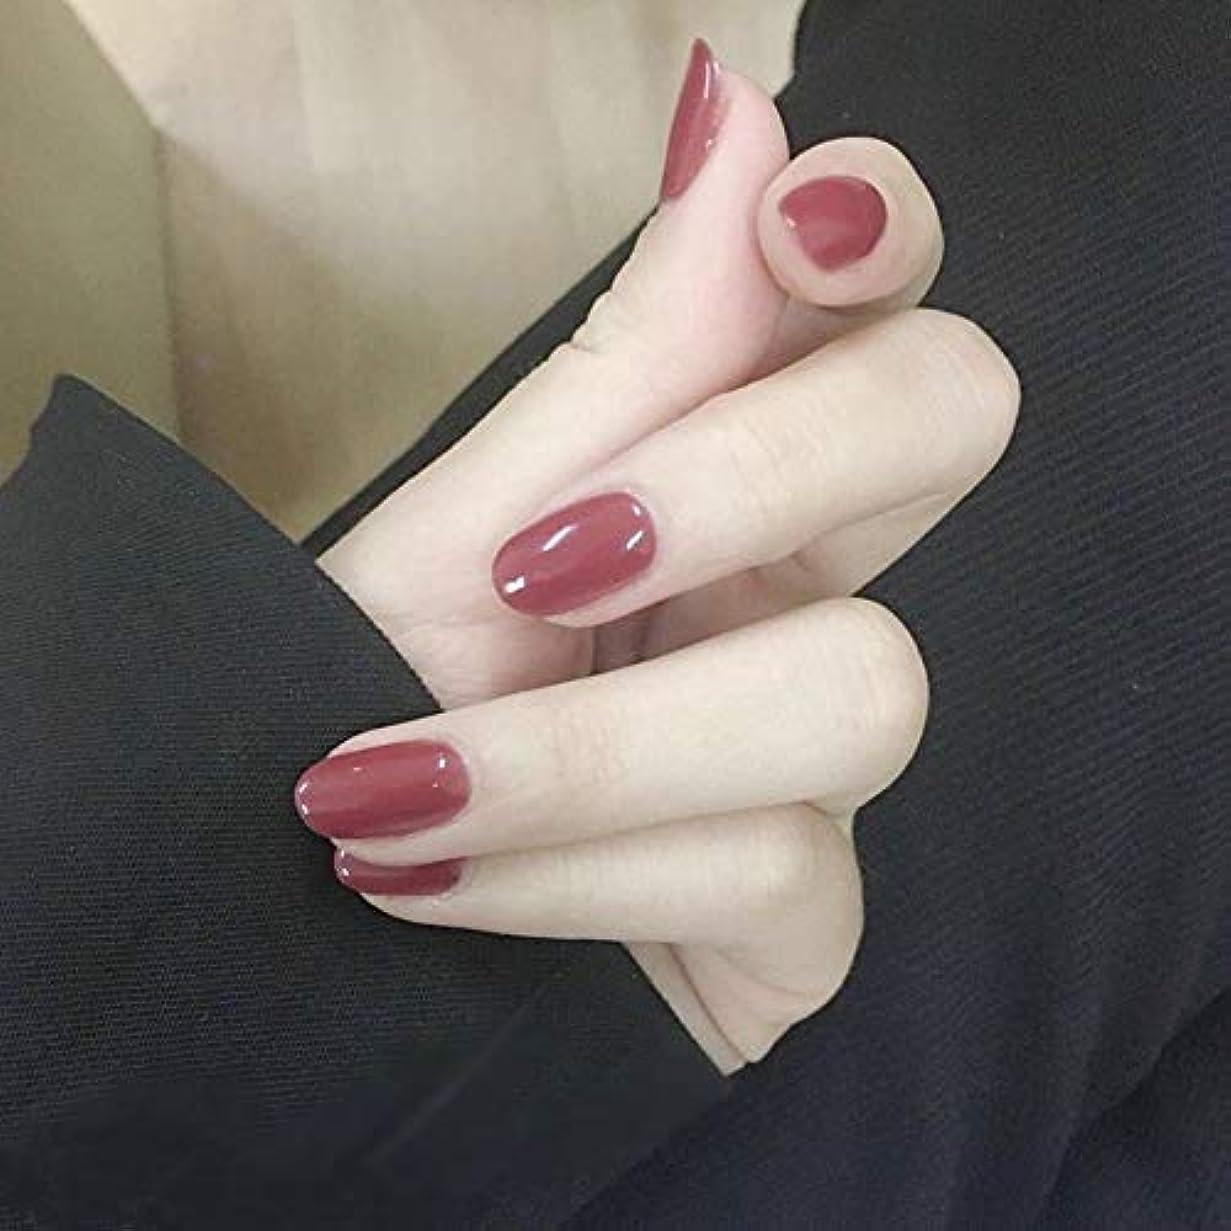 ヘビー無しビーズXUTXZKA オフィスの家のための24個の偽の爪ピンクローズオーバル人工爪のヒントステッカー